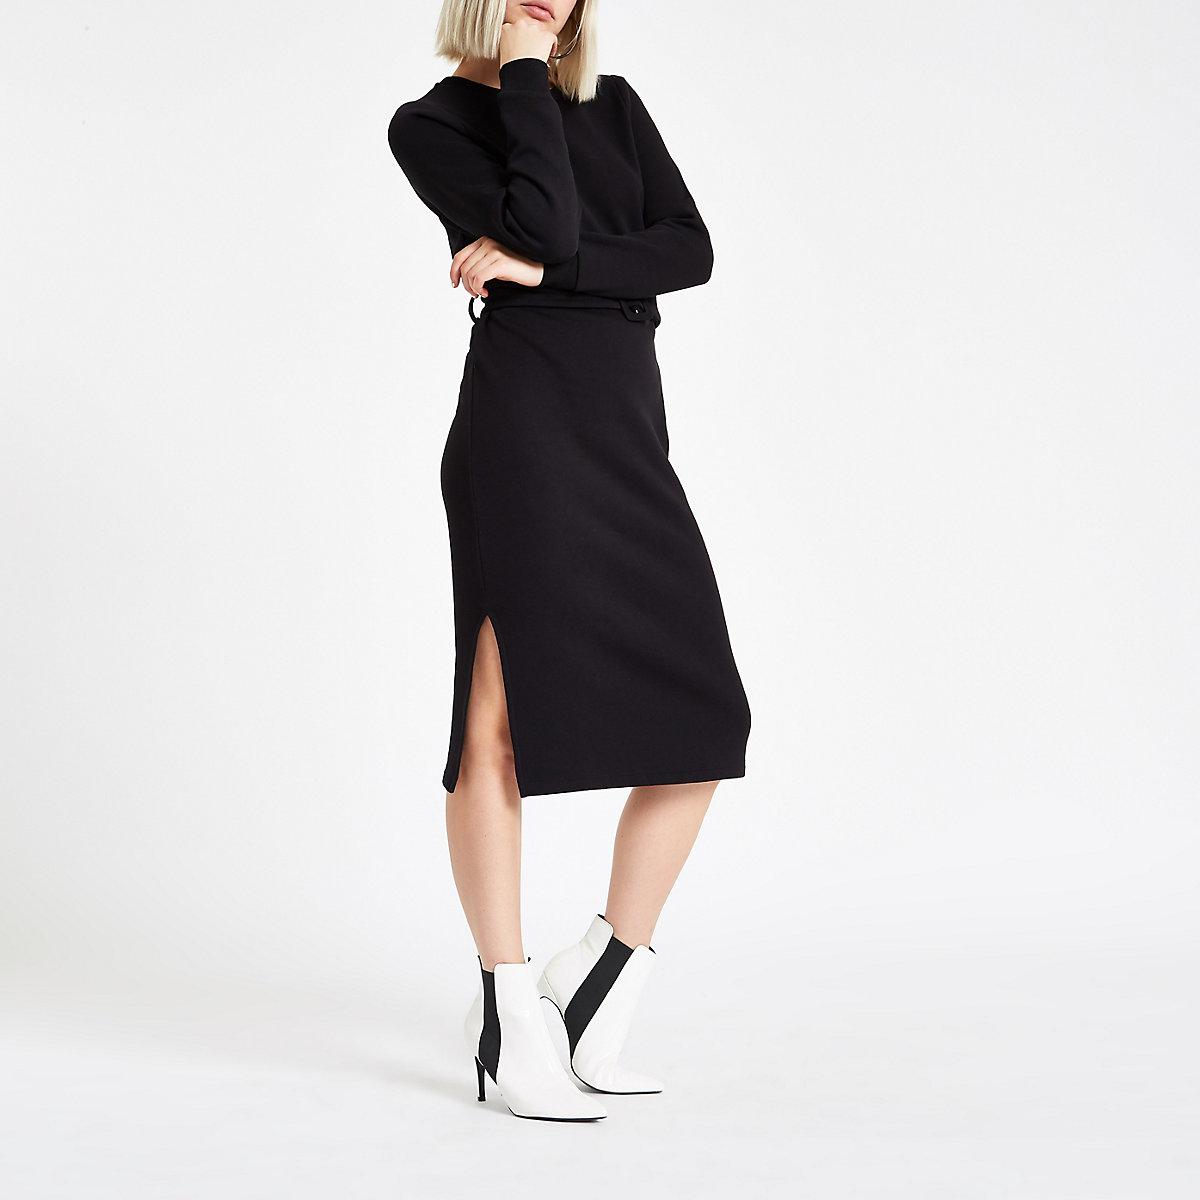 Schwarzes Sweatshirt-Kleid mit Gürtel